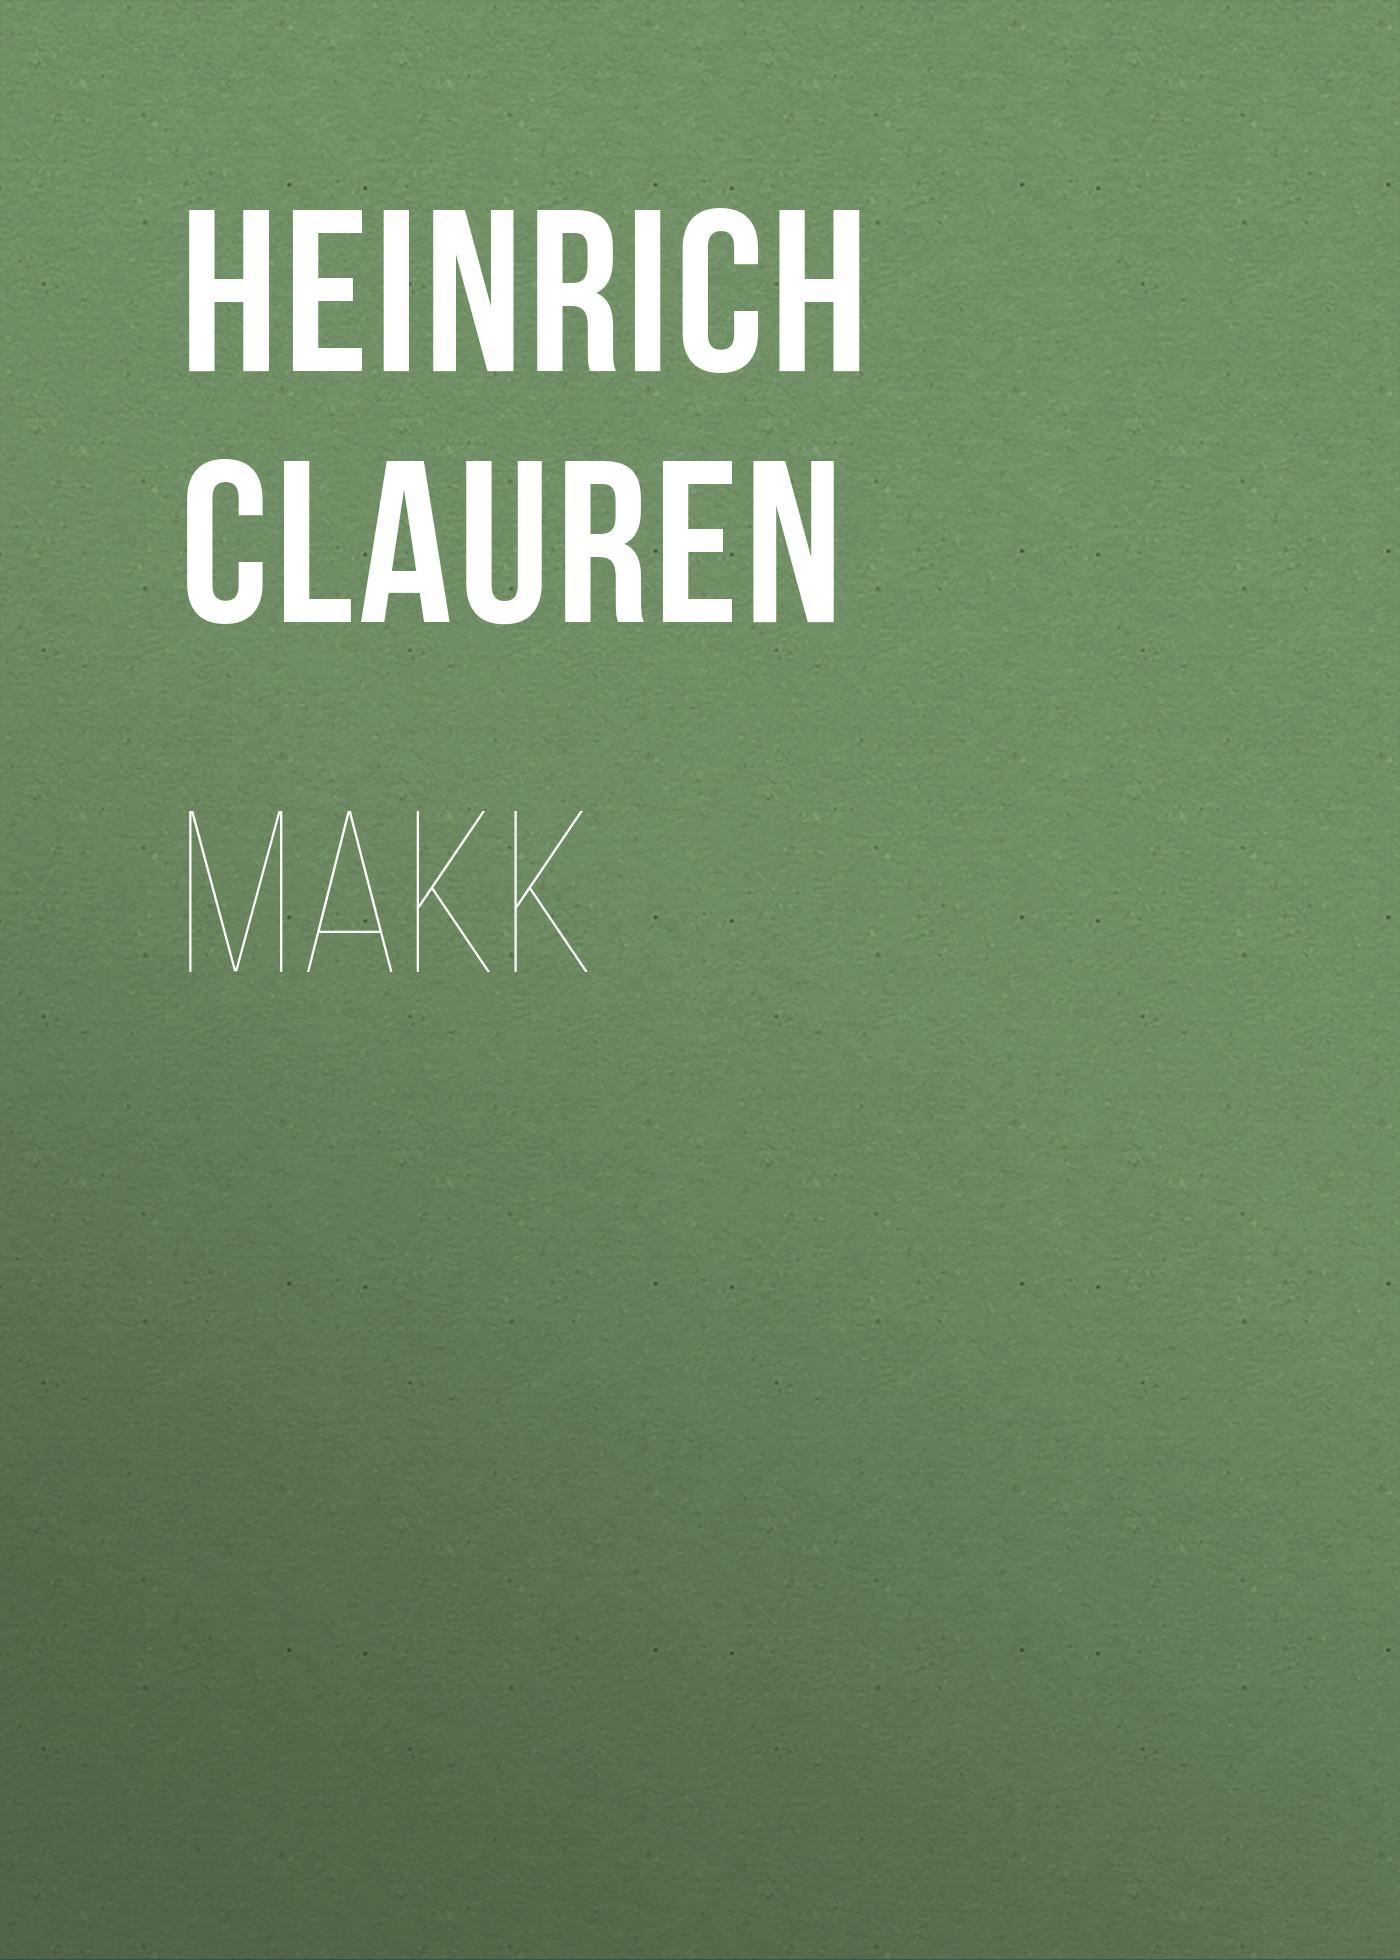 Heinrich Clauren Makk